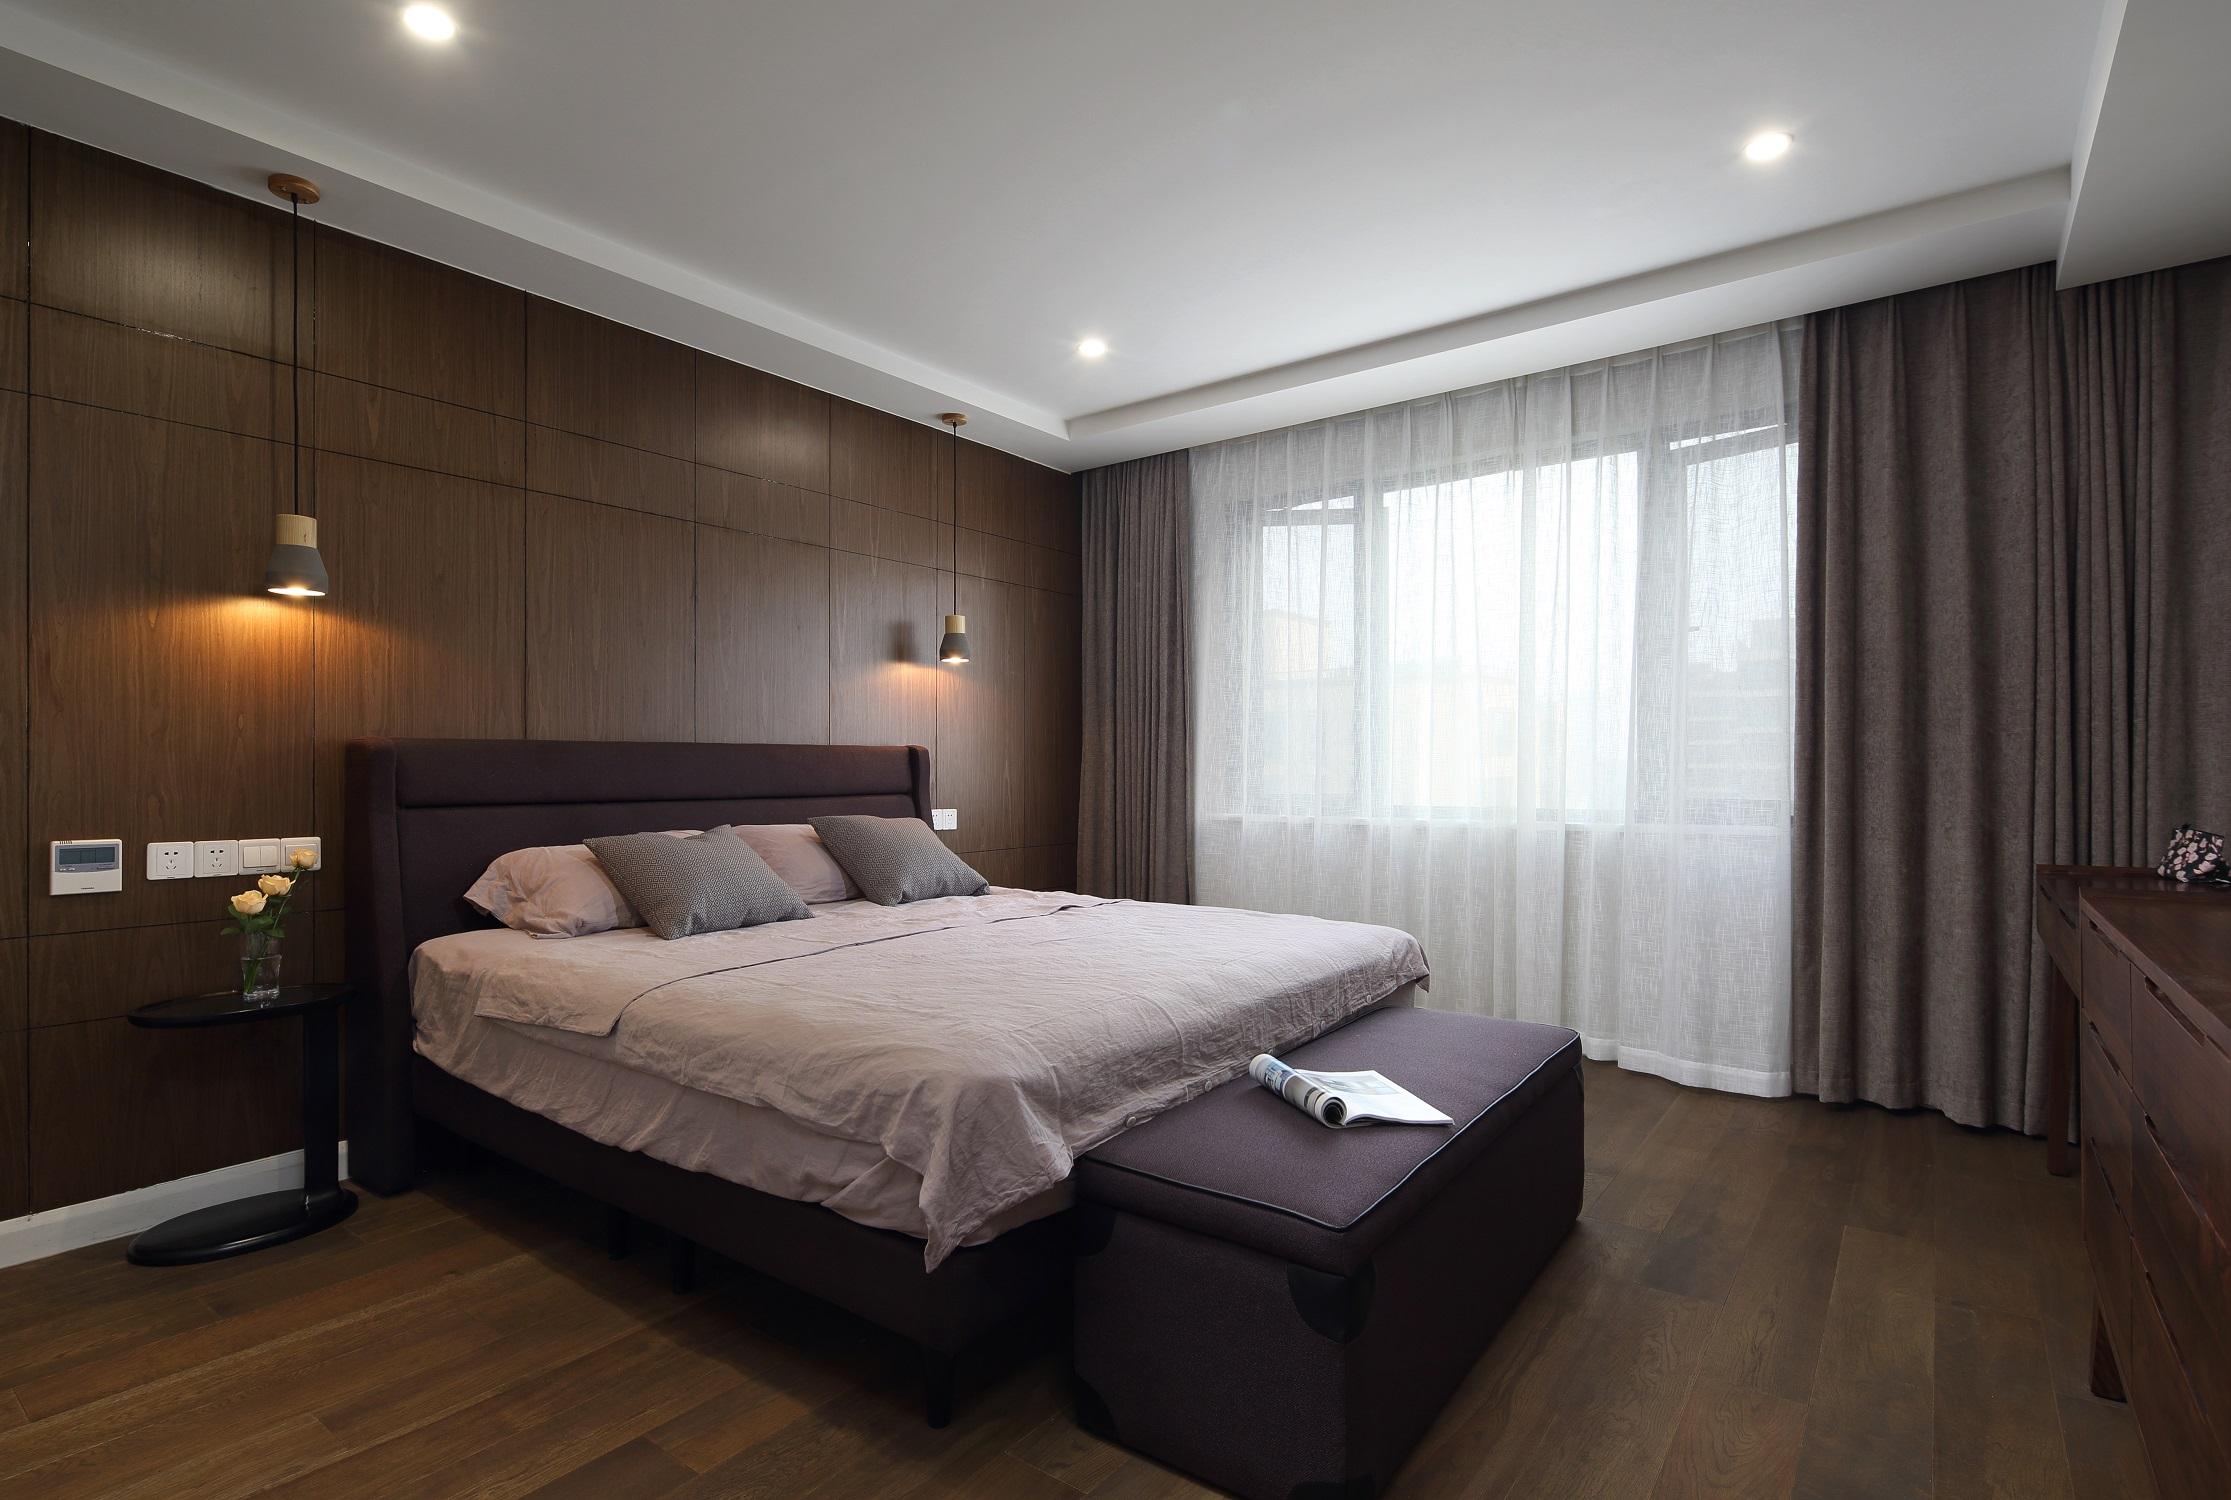 180㎡简约风之家卧室效果图